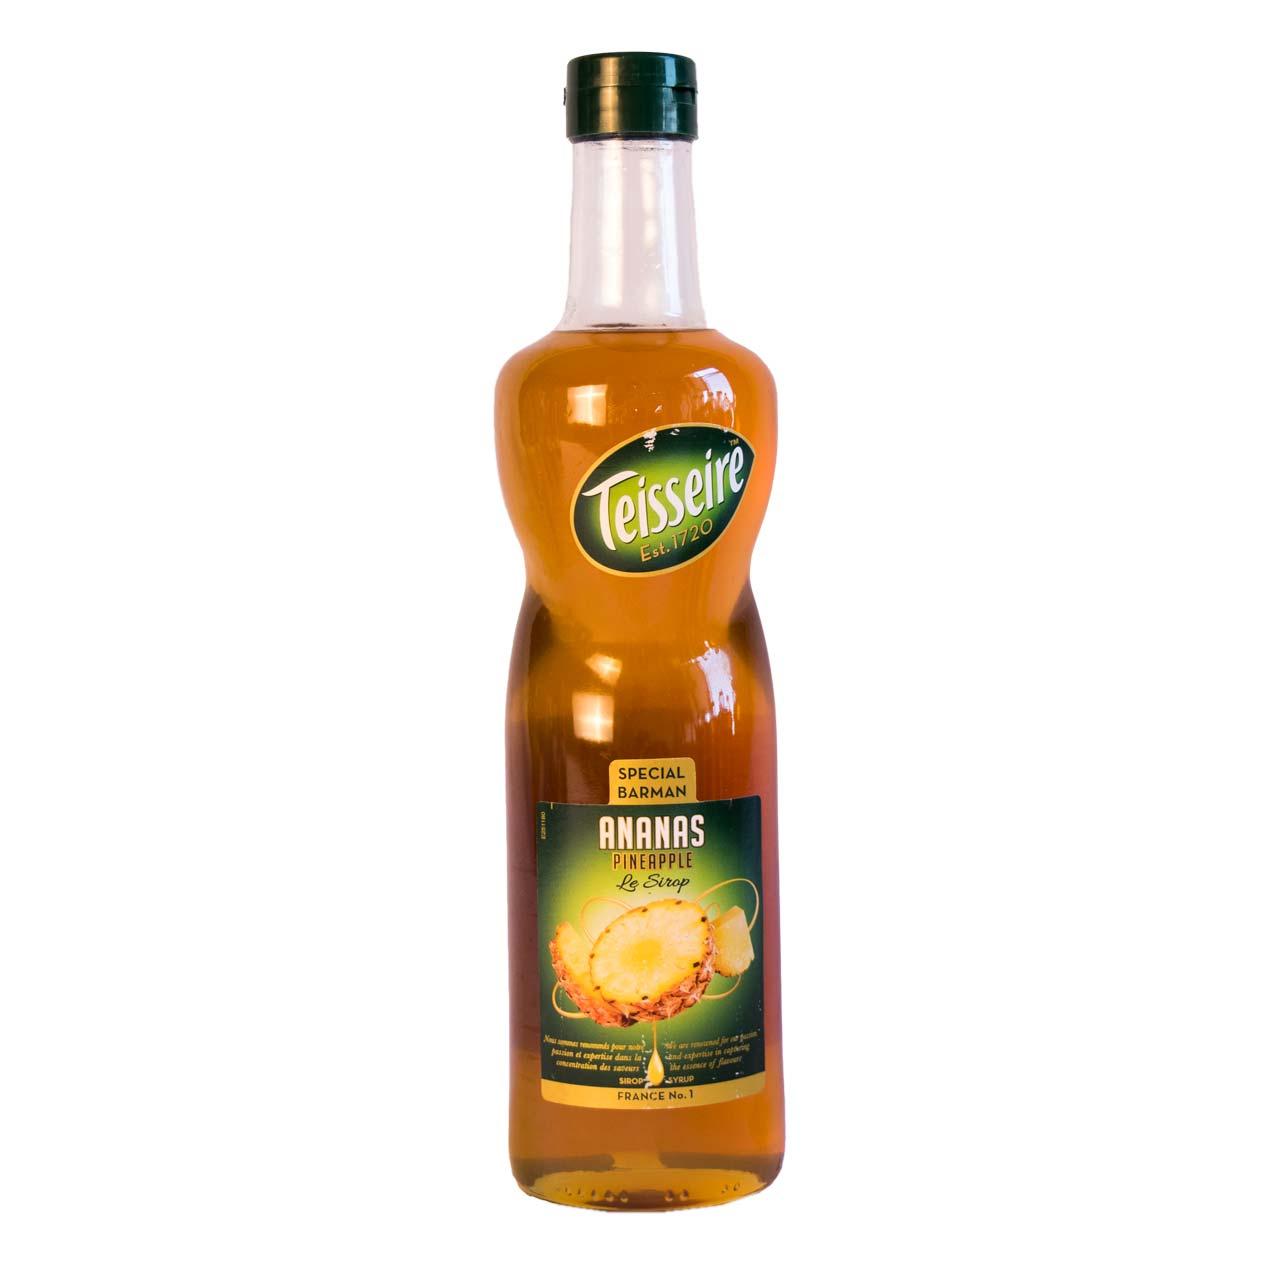 سیروپ آناناس تزییر – teisseire